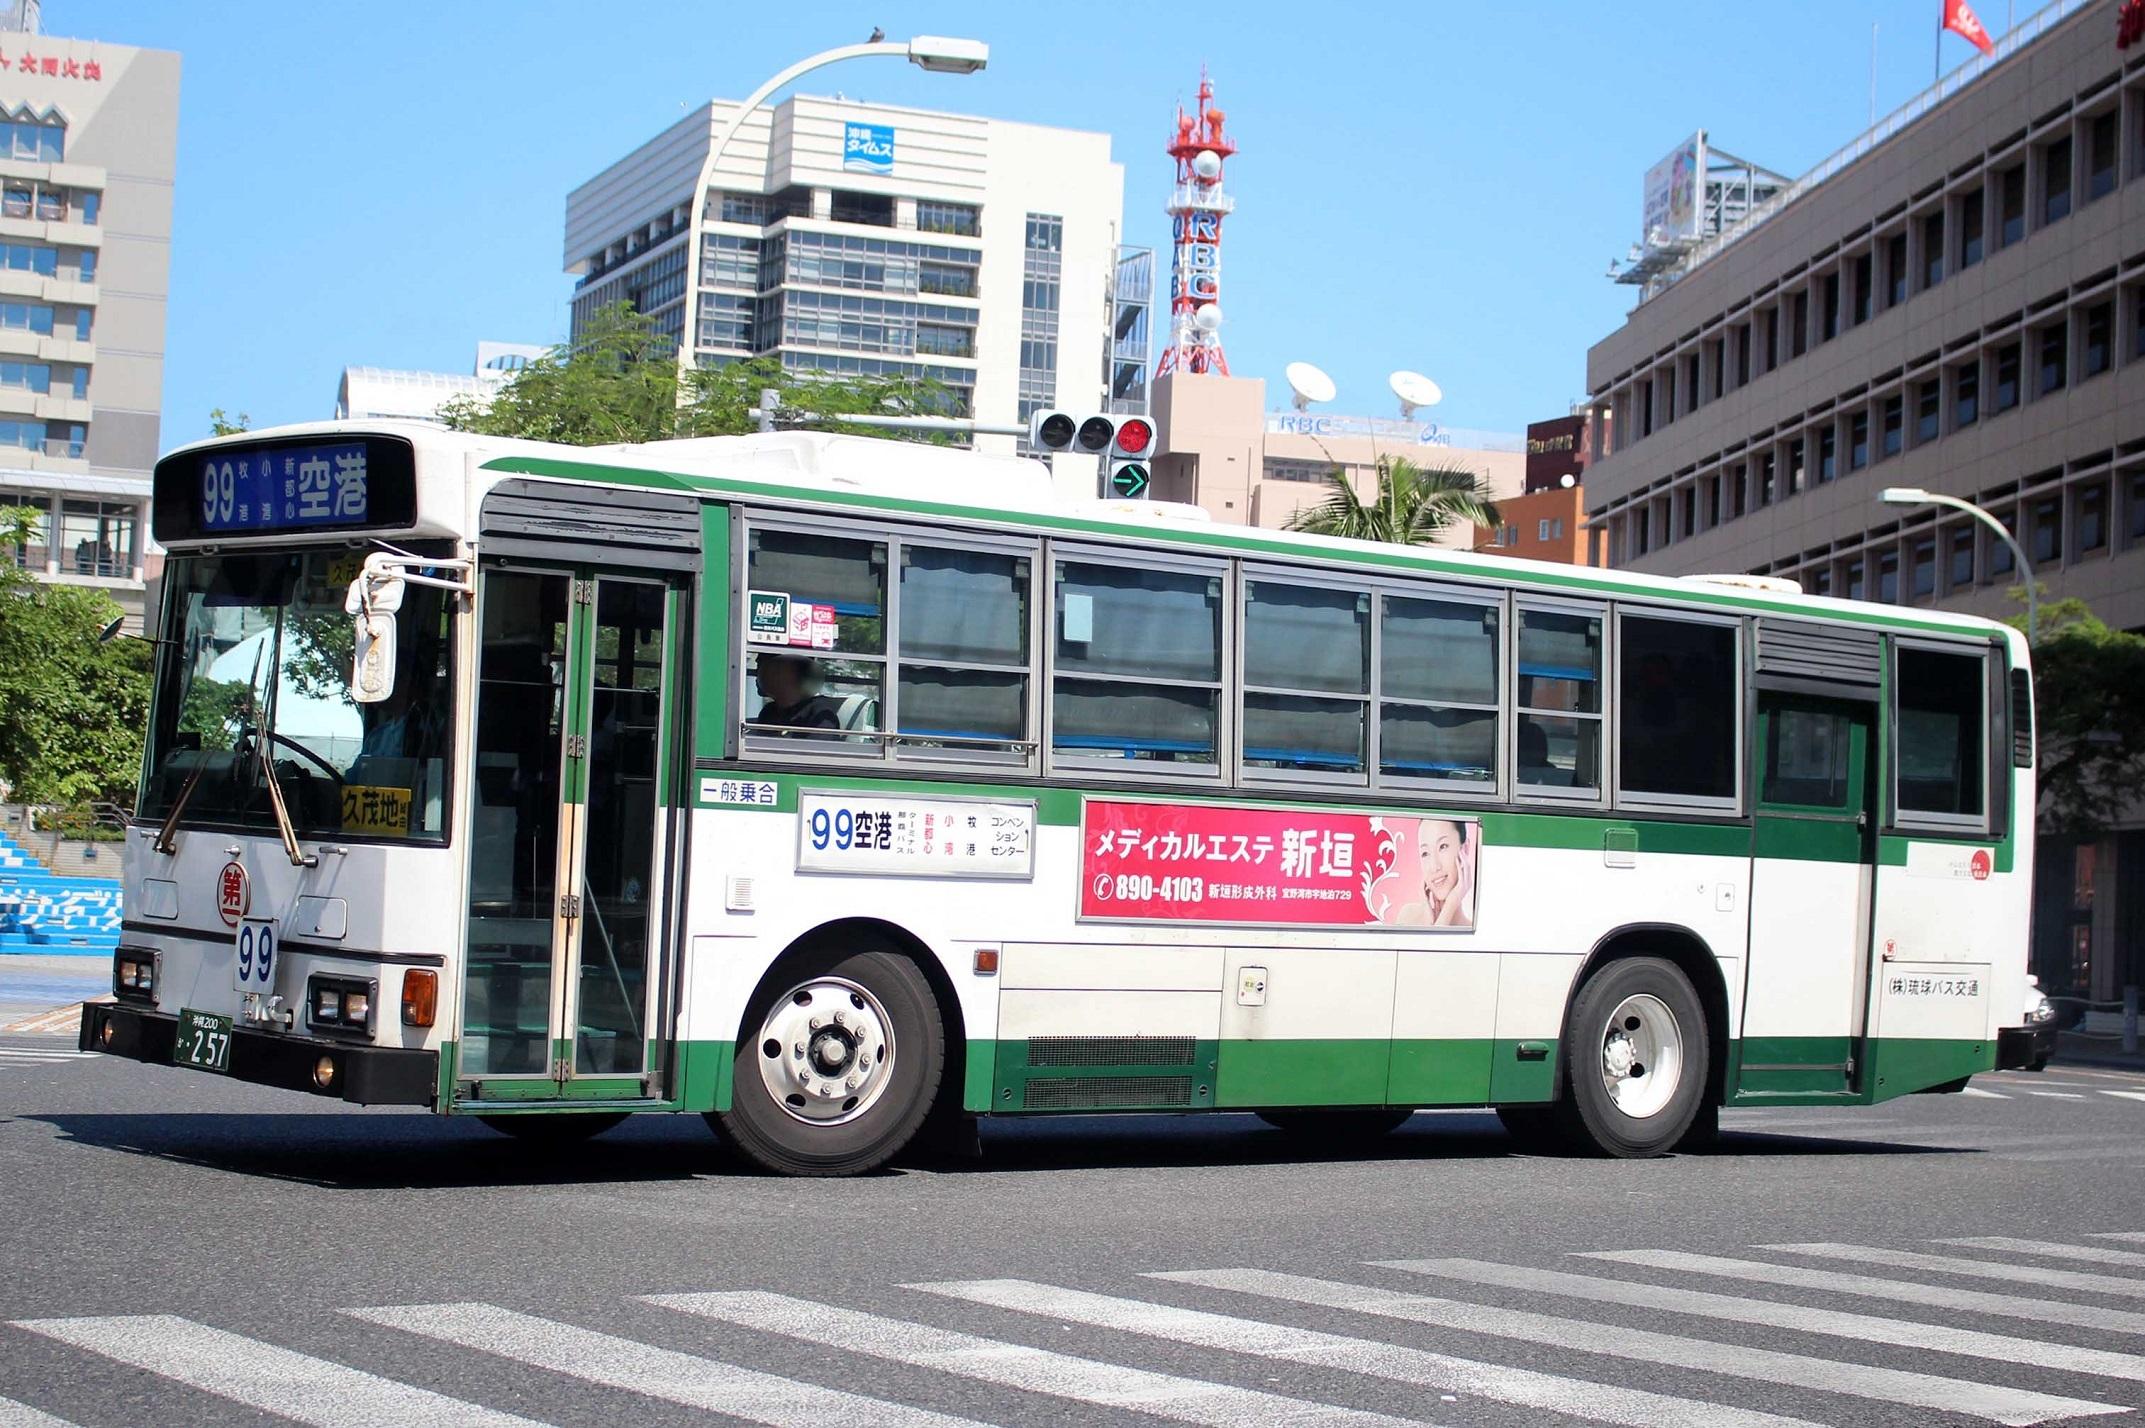 琉球バス交通 か257